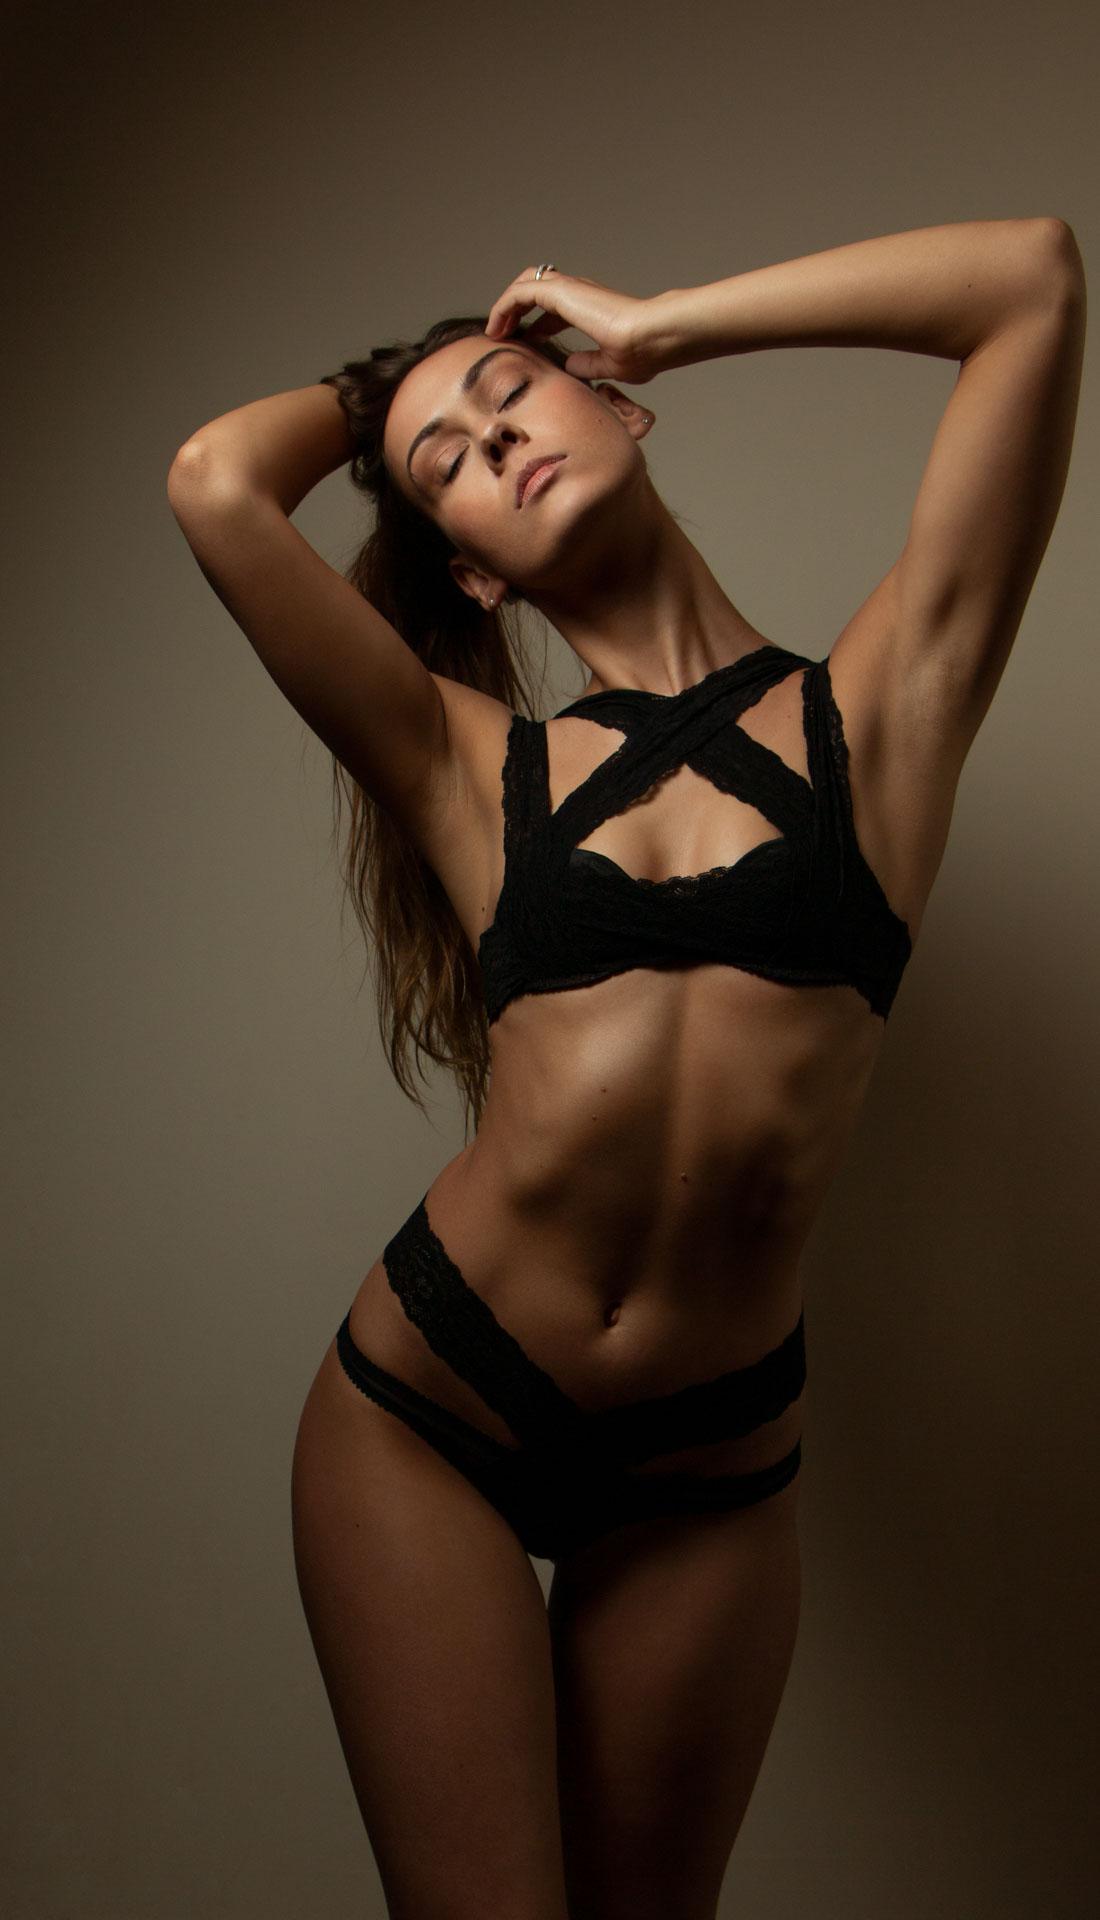 Lingerie fashion photography, a female model posing wearing black Agent Provocateur lingerie, boudoir photography Birmingham